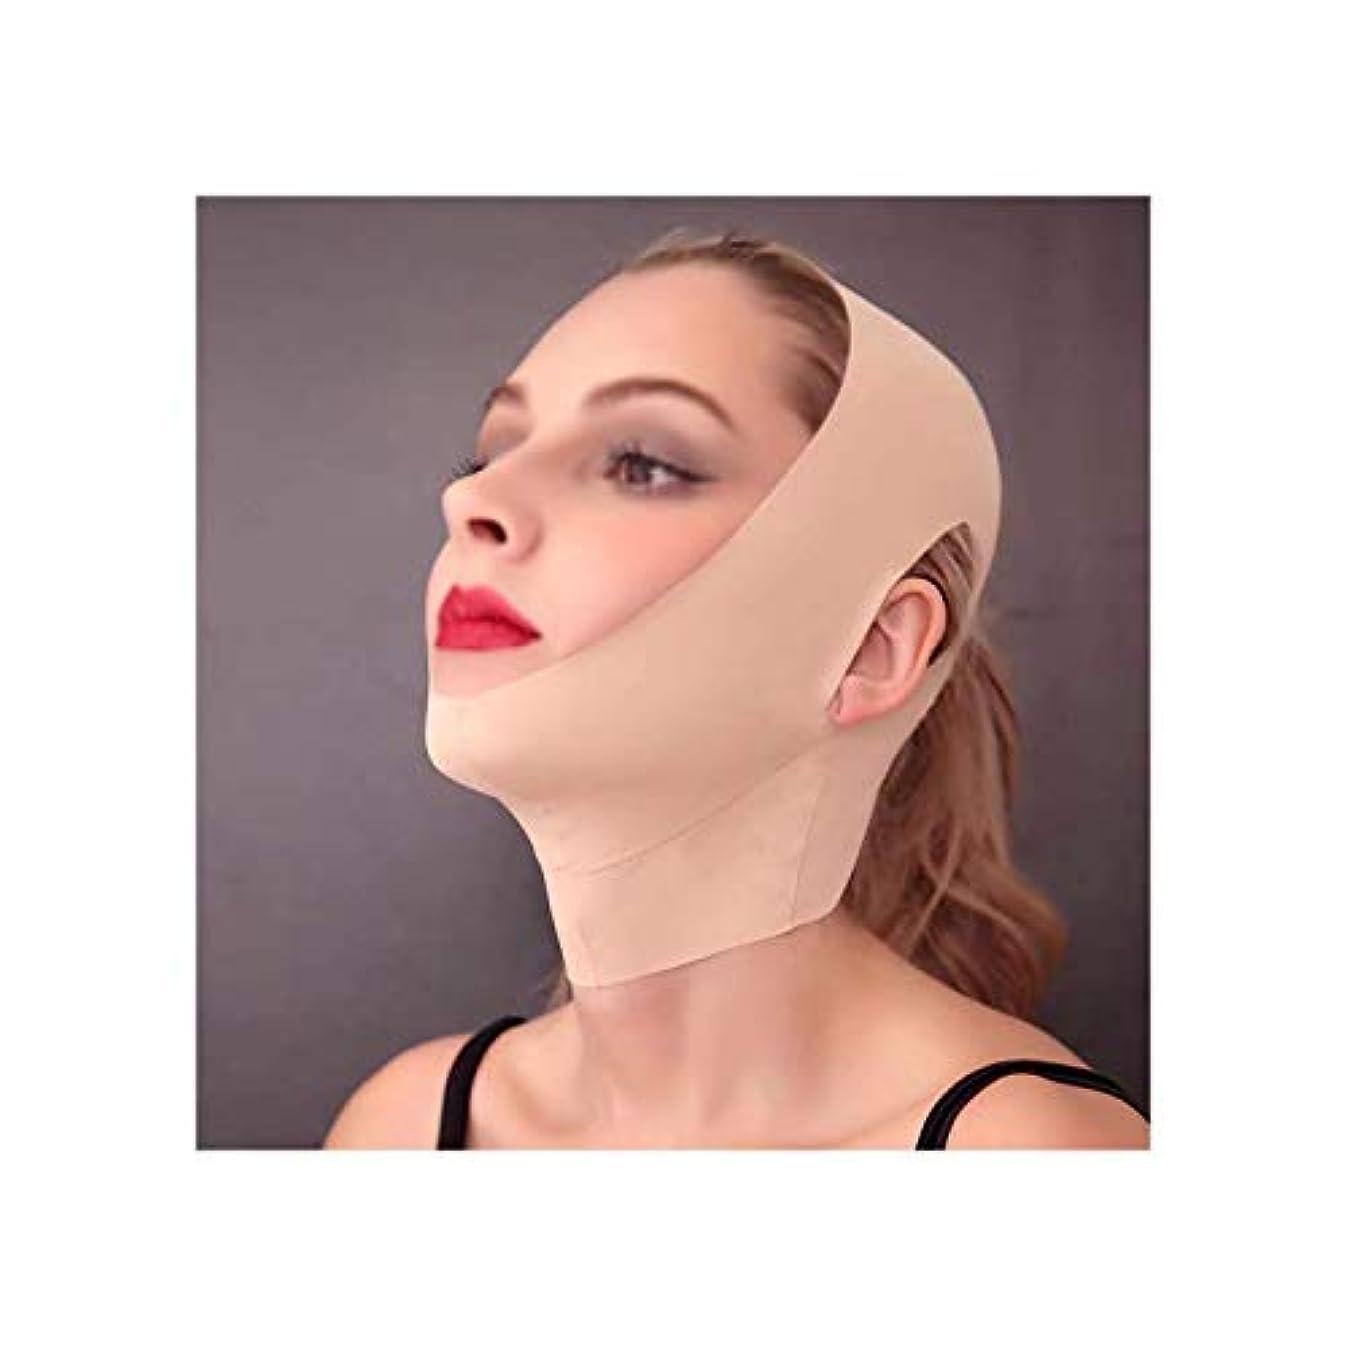 世界的にお世話になったカイウスフェイシャルマスク、フェイスリフティングアーティファクト女性男性の睡眠顔Vフェイス包帯マスクリフティングフェイス補正引き締め顔に二重あご痩身ベルト